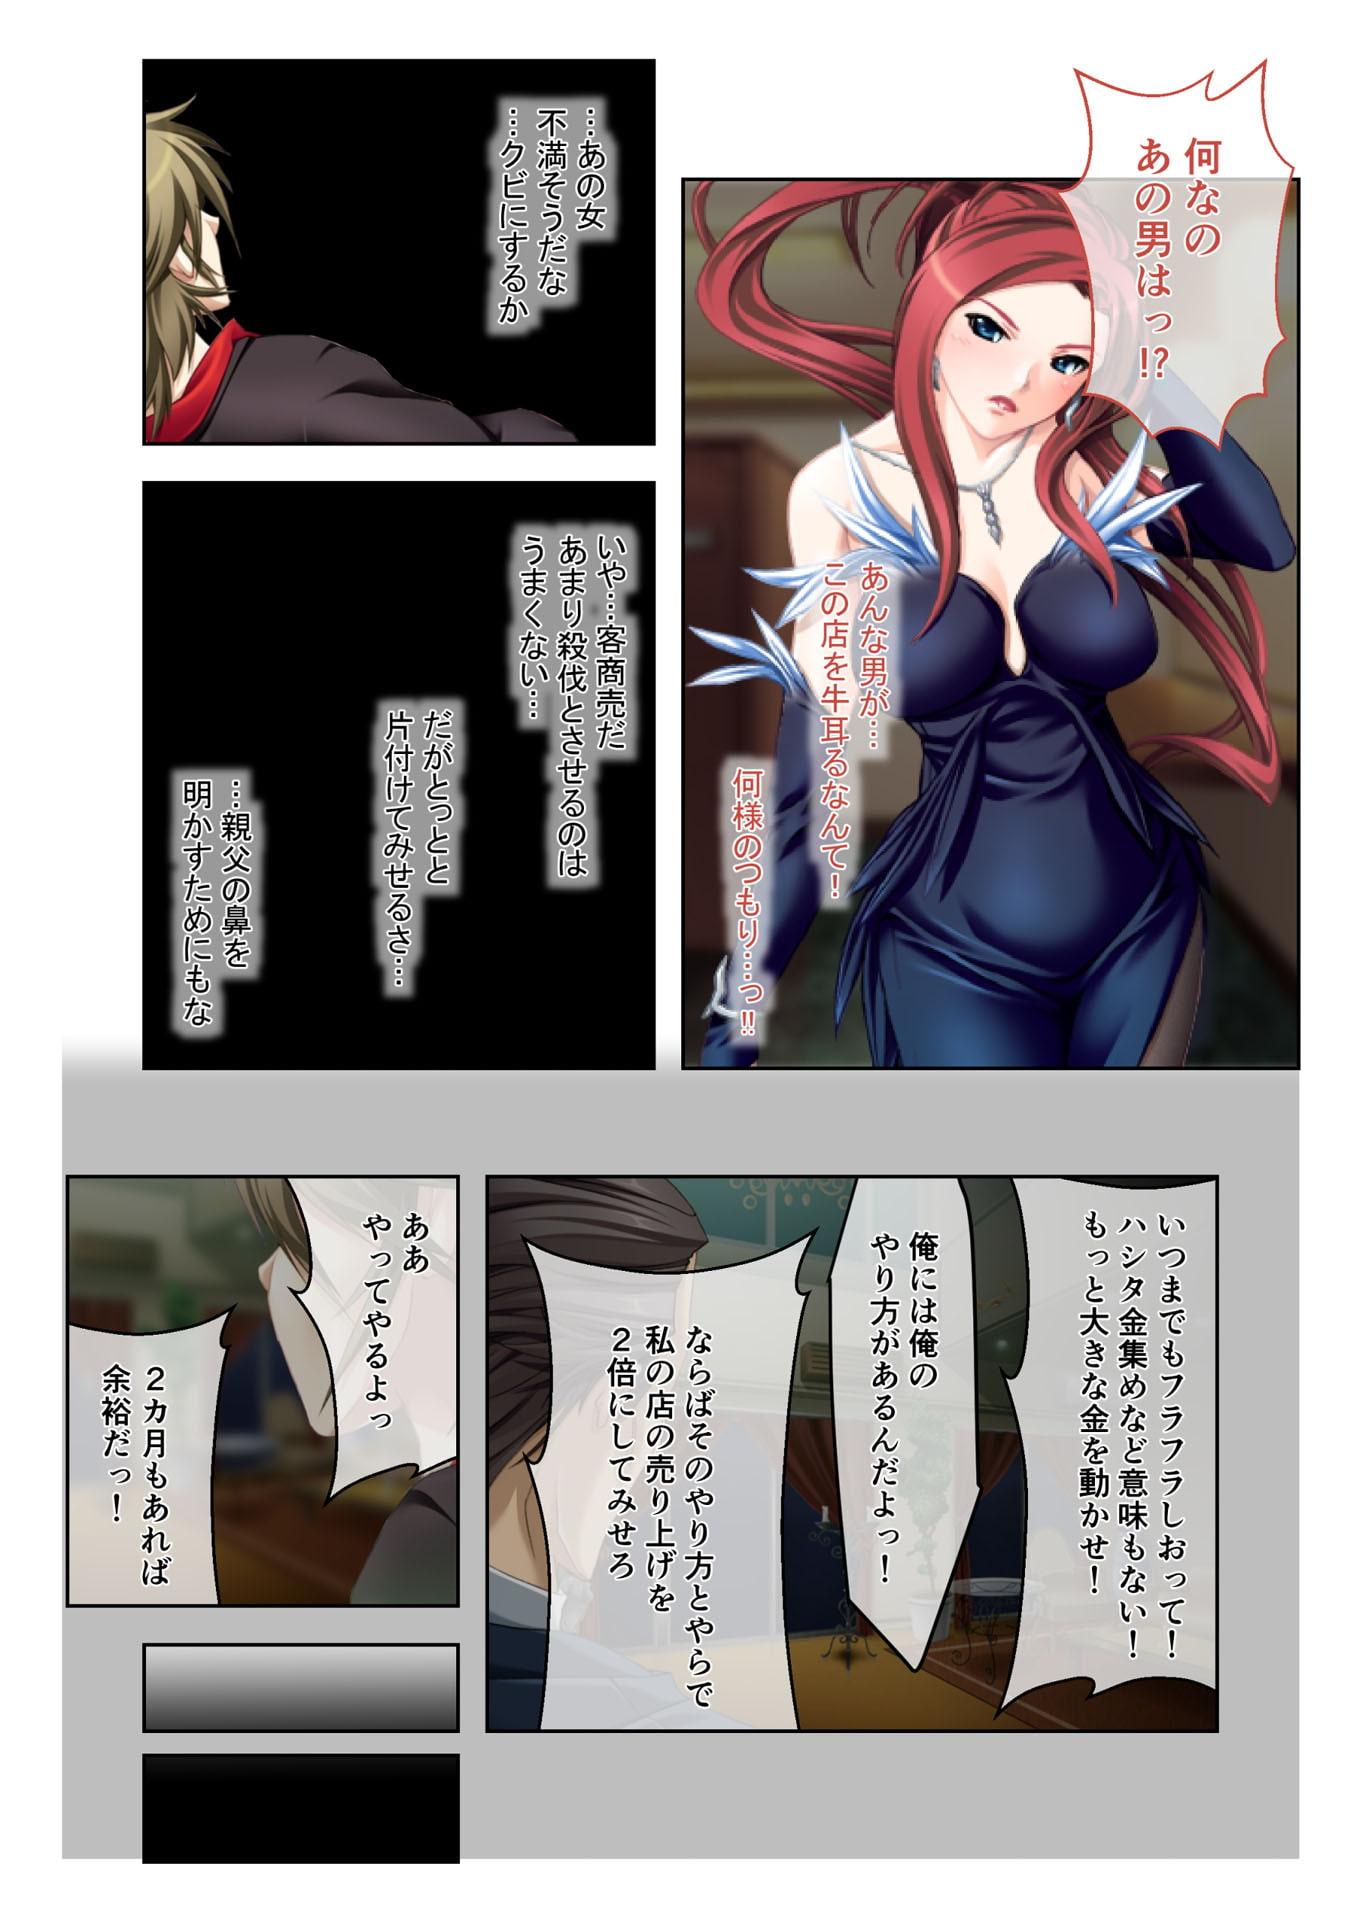 イクまで徹底性指導~生意気キャバ嬢を従順にする方法~(1) フルカラーコミック版